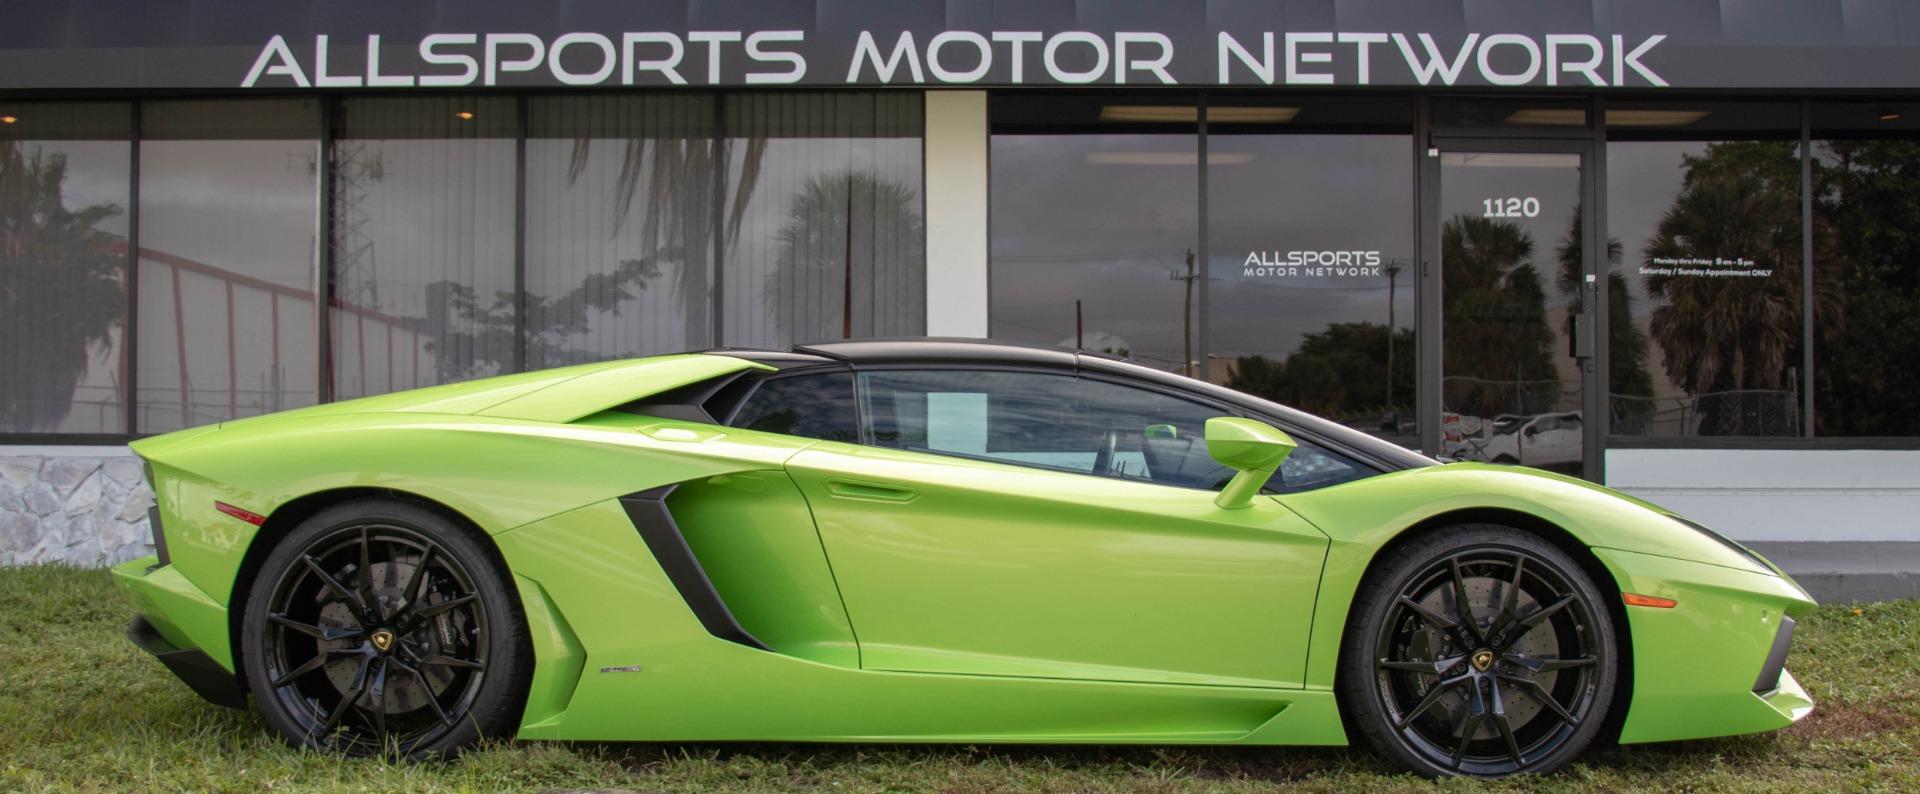 Used 2015 Lamborghini Aventador LP 700-4 Roadster | Miami, FL